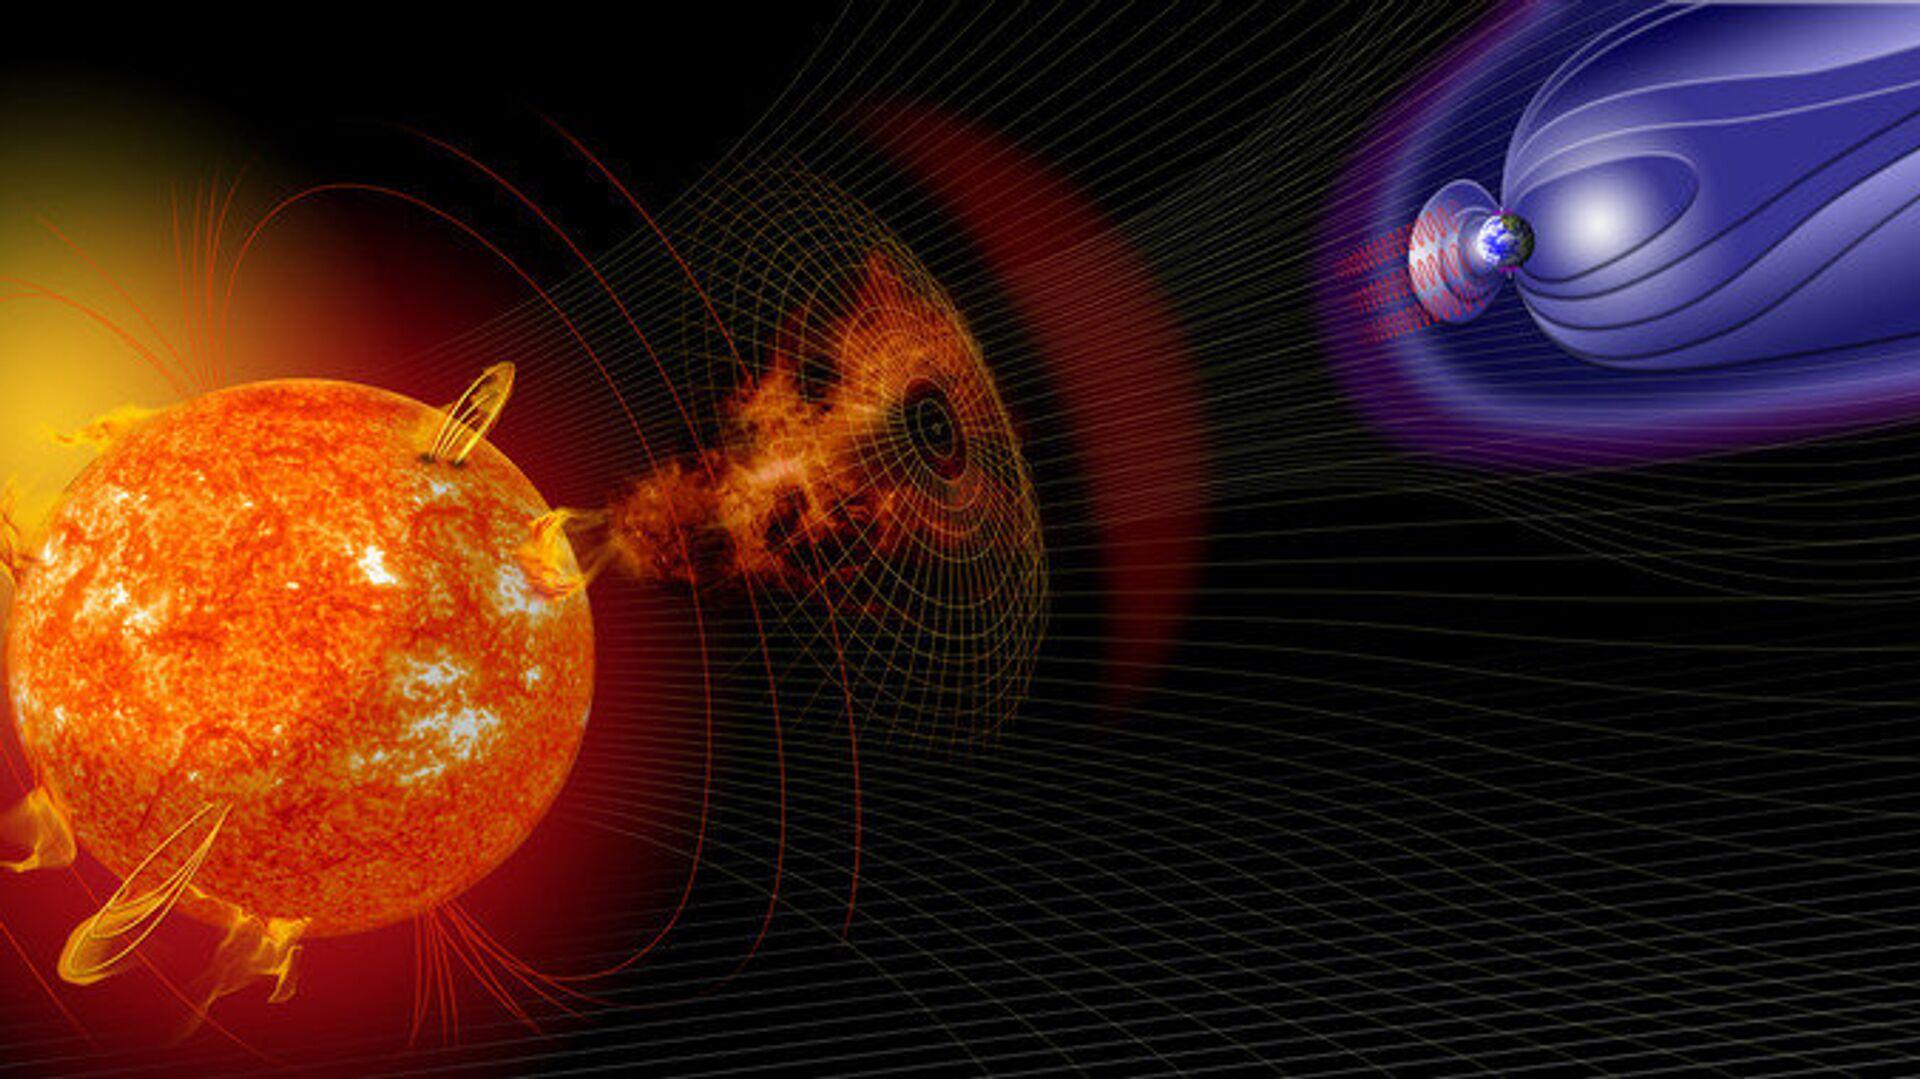 Мощные магнитные бури после вспышек на Солнце могут быть очень опасны - РИА Новости, 1920, 05.06.2020